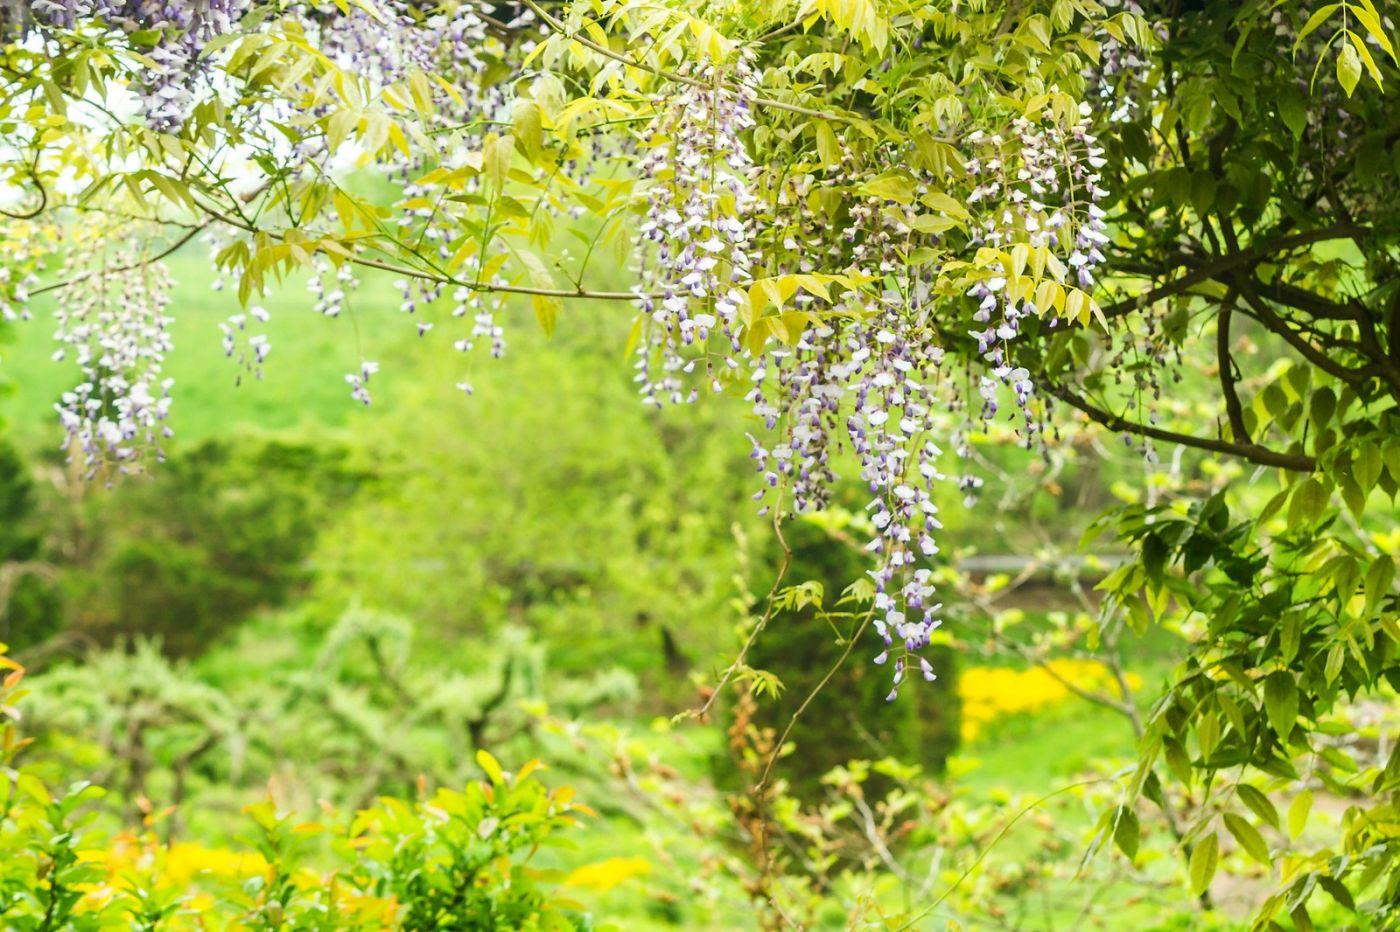 紫藤花相遇在春天_图1-5